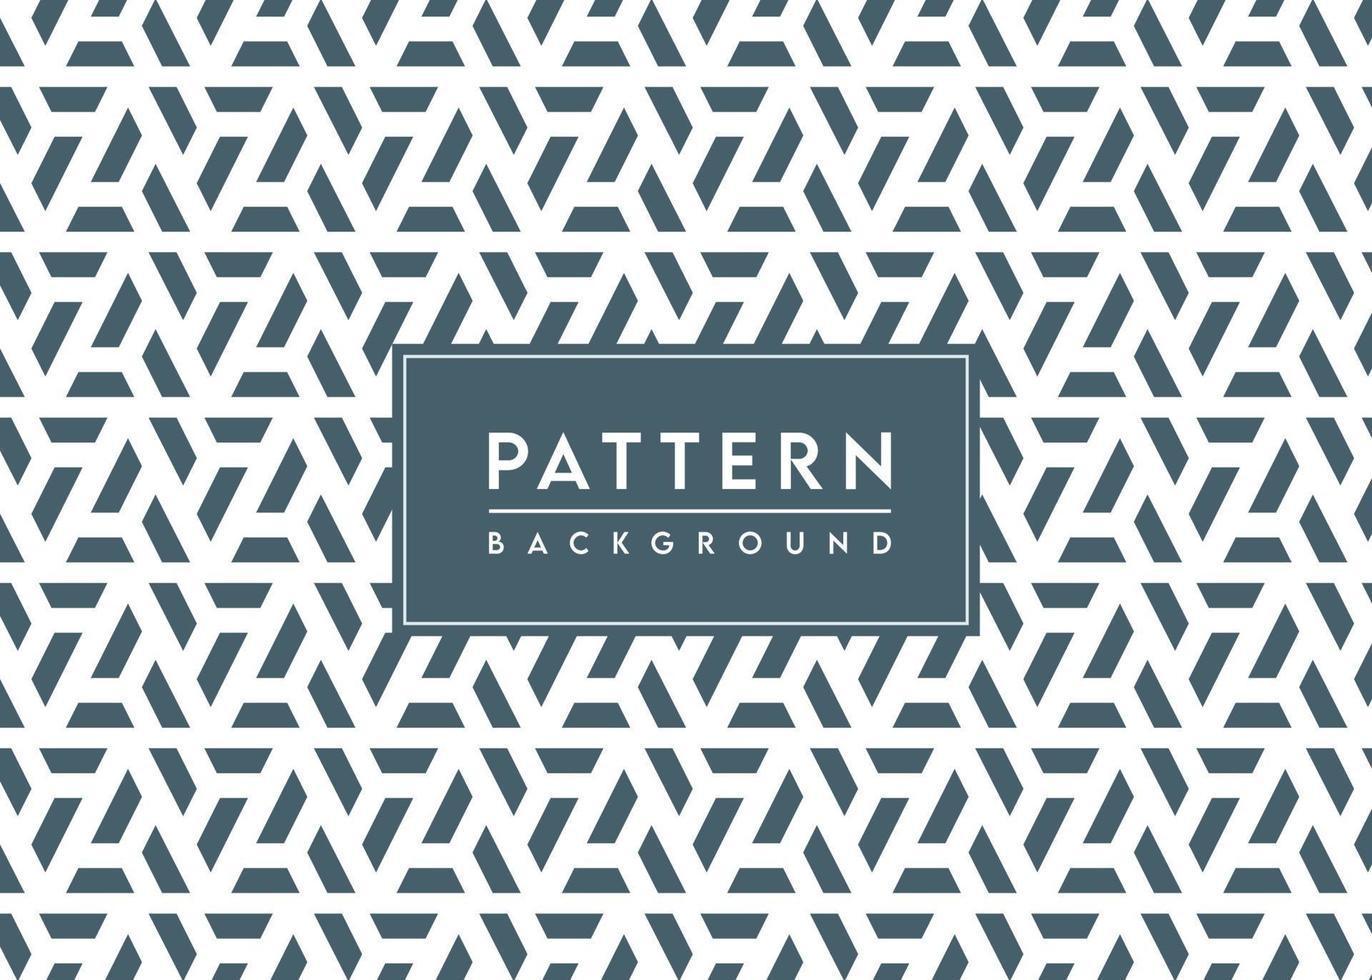 diseño de vector de textura de fondo de patrón de triángulo